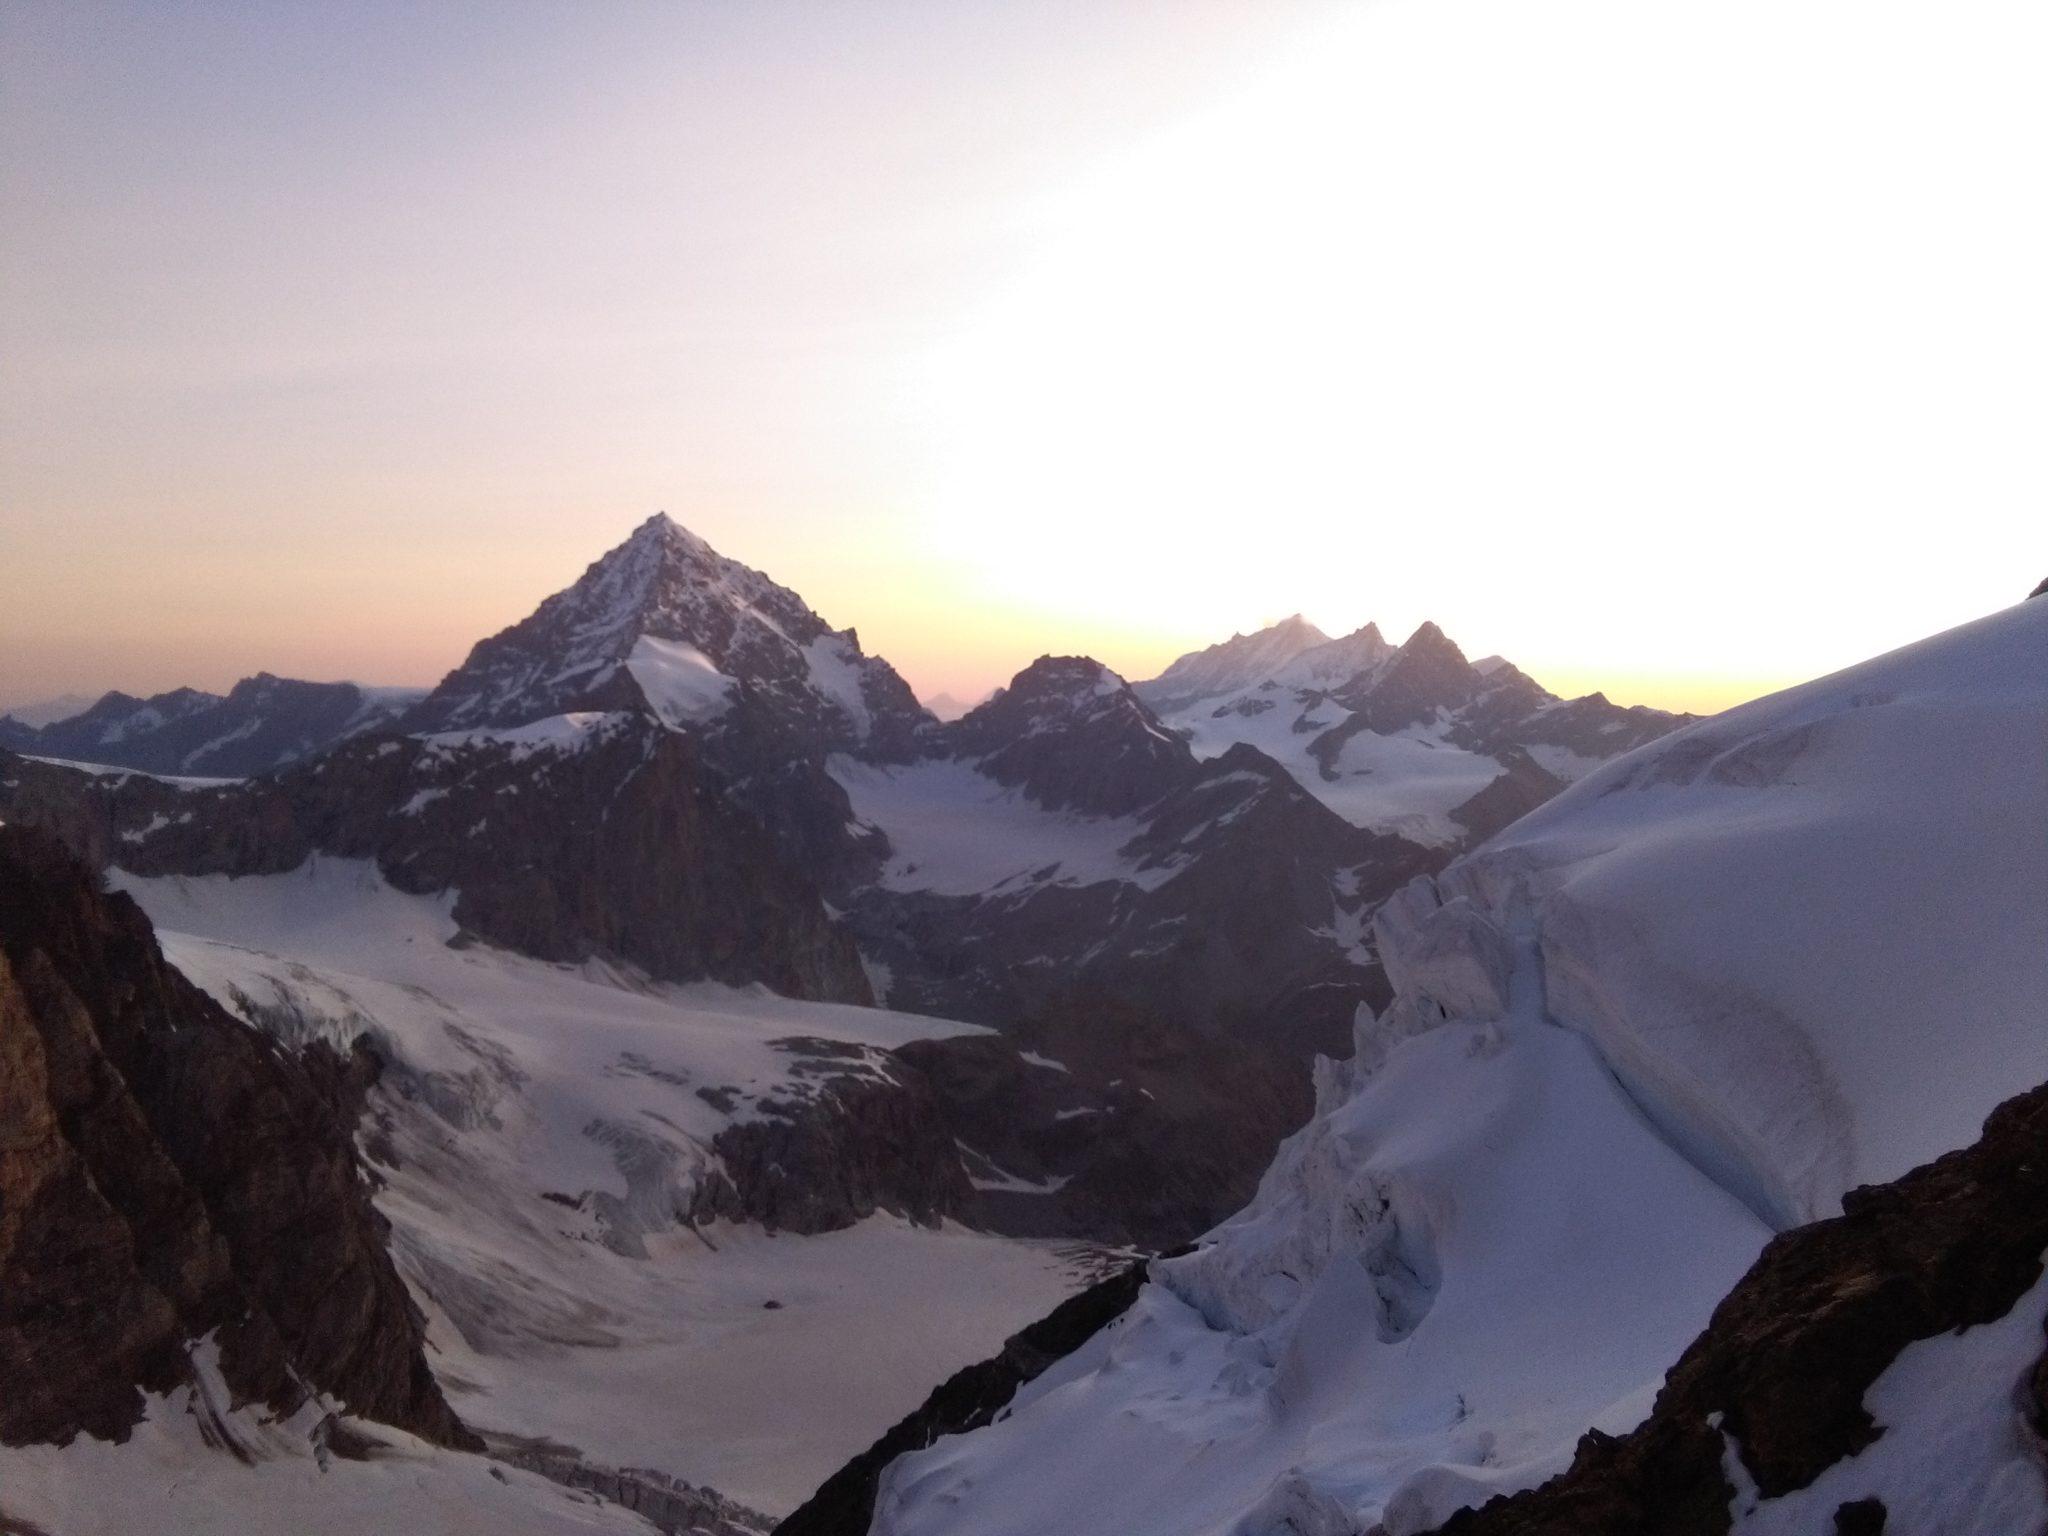 Aufstieg zur Dent d'Hérens, Blick auf die Dent Blanche, Aostatal, Wallis, Viertausender, Hochtour